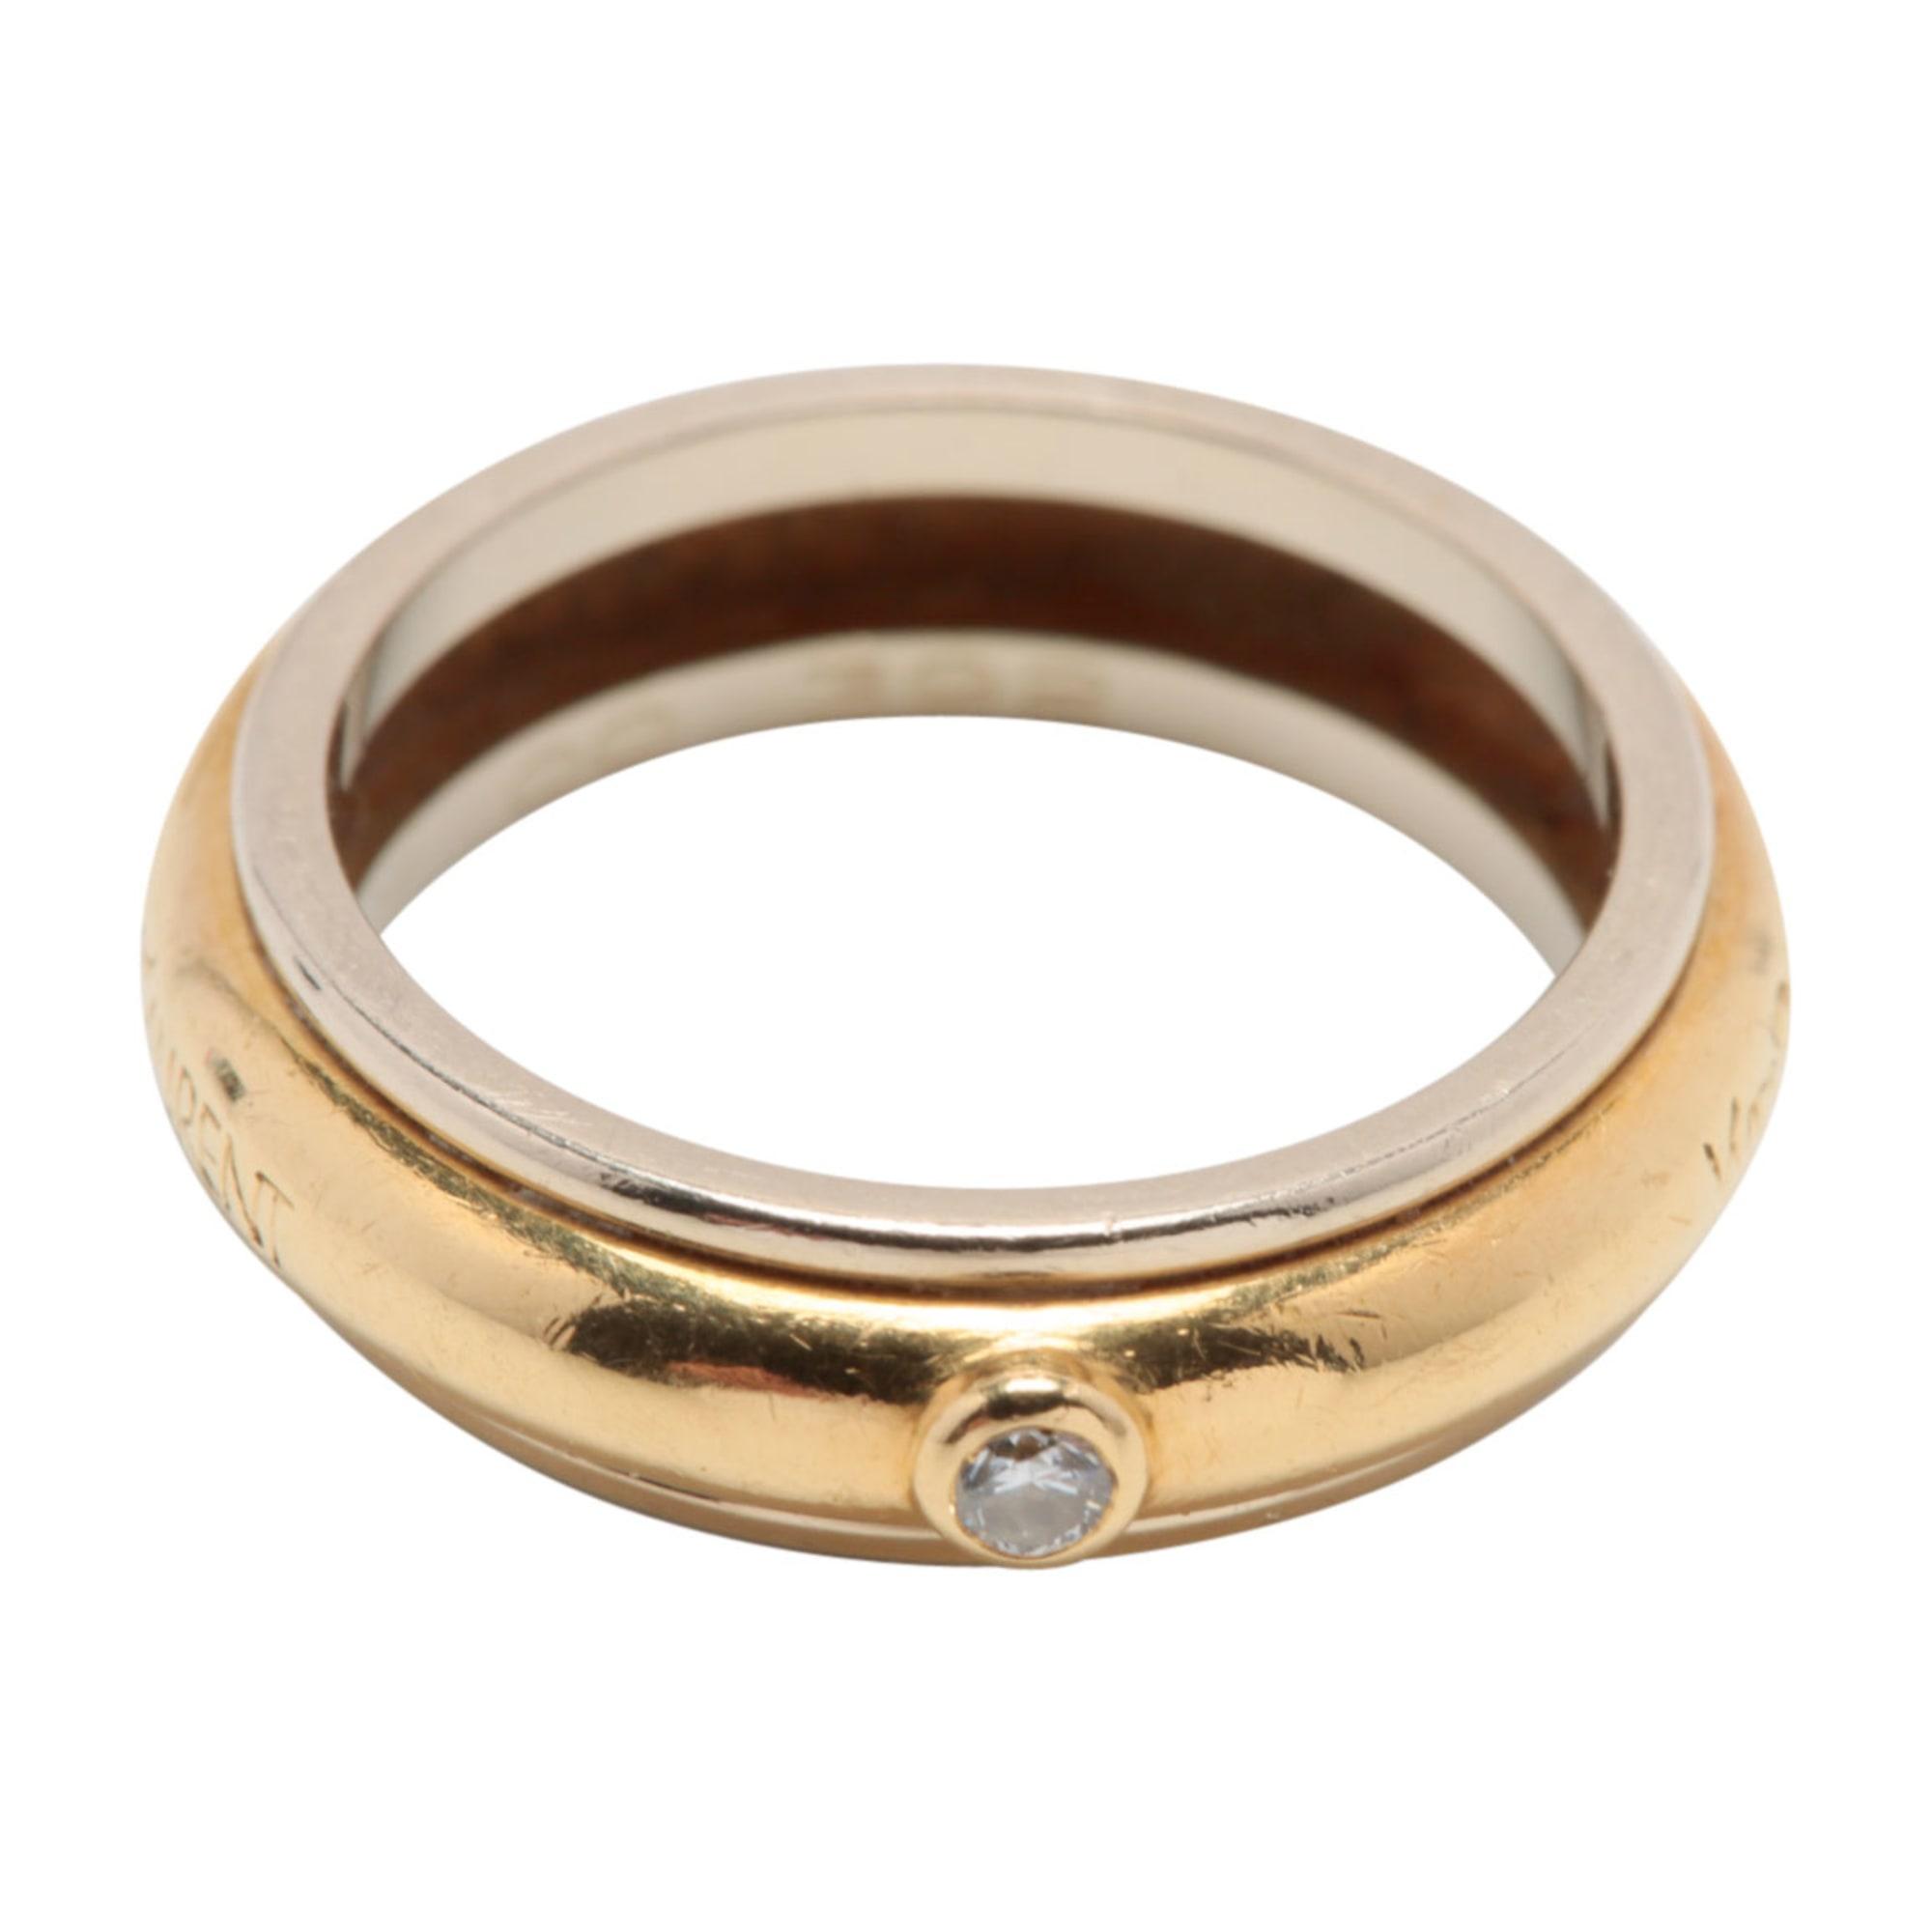 ring yves saint laurent 50 golden 6480900. Black Bedroom Furniture Sets. Home Design Ideas